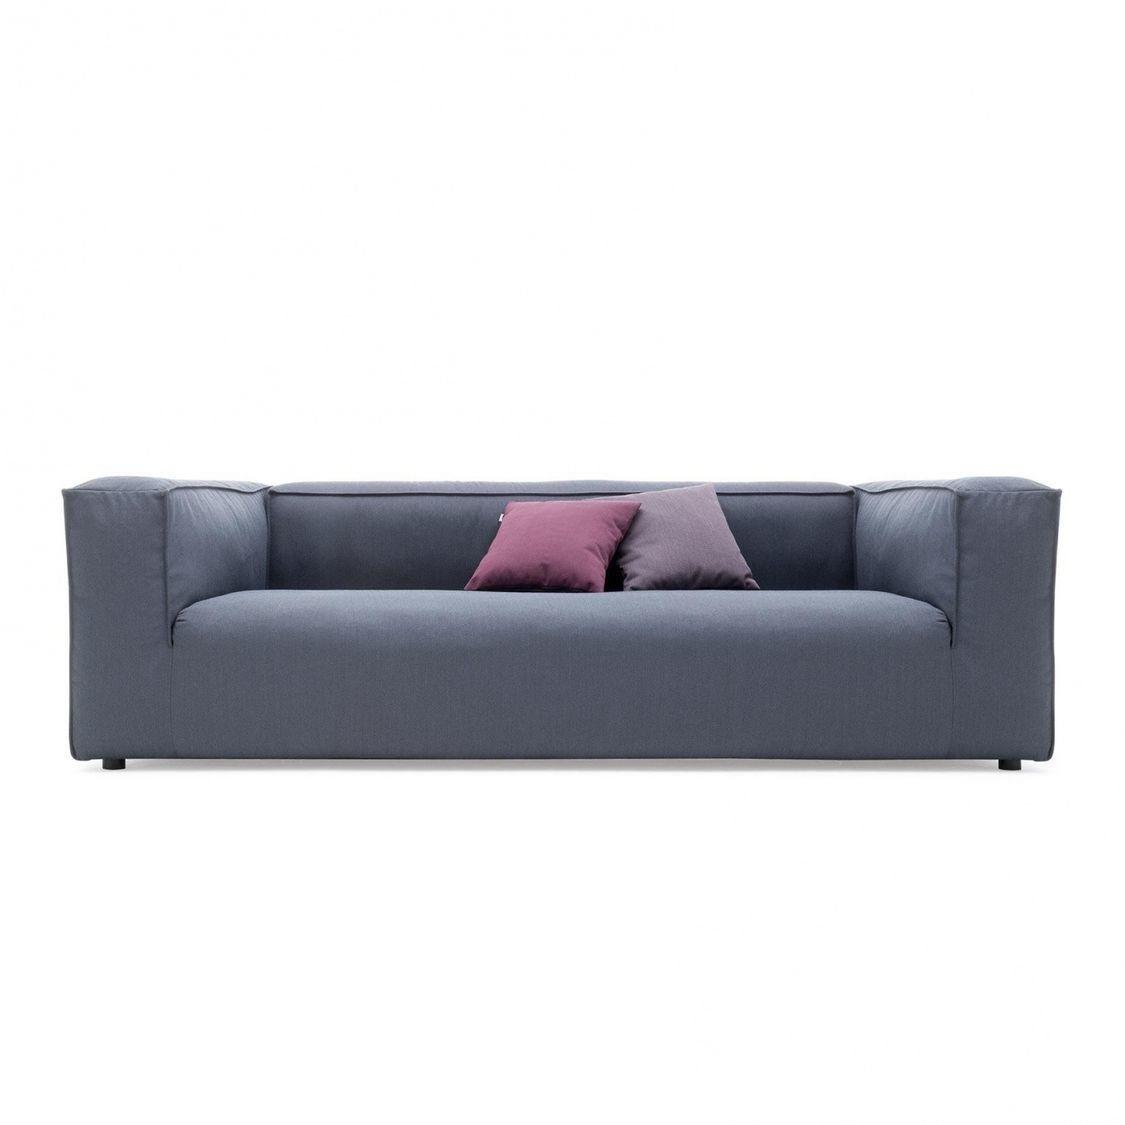 freistil rolf benz freistil 175 canap 3 places ambientedirect. Black Bedroom Furniture Sets. Home Design Ideas